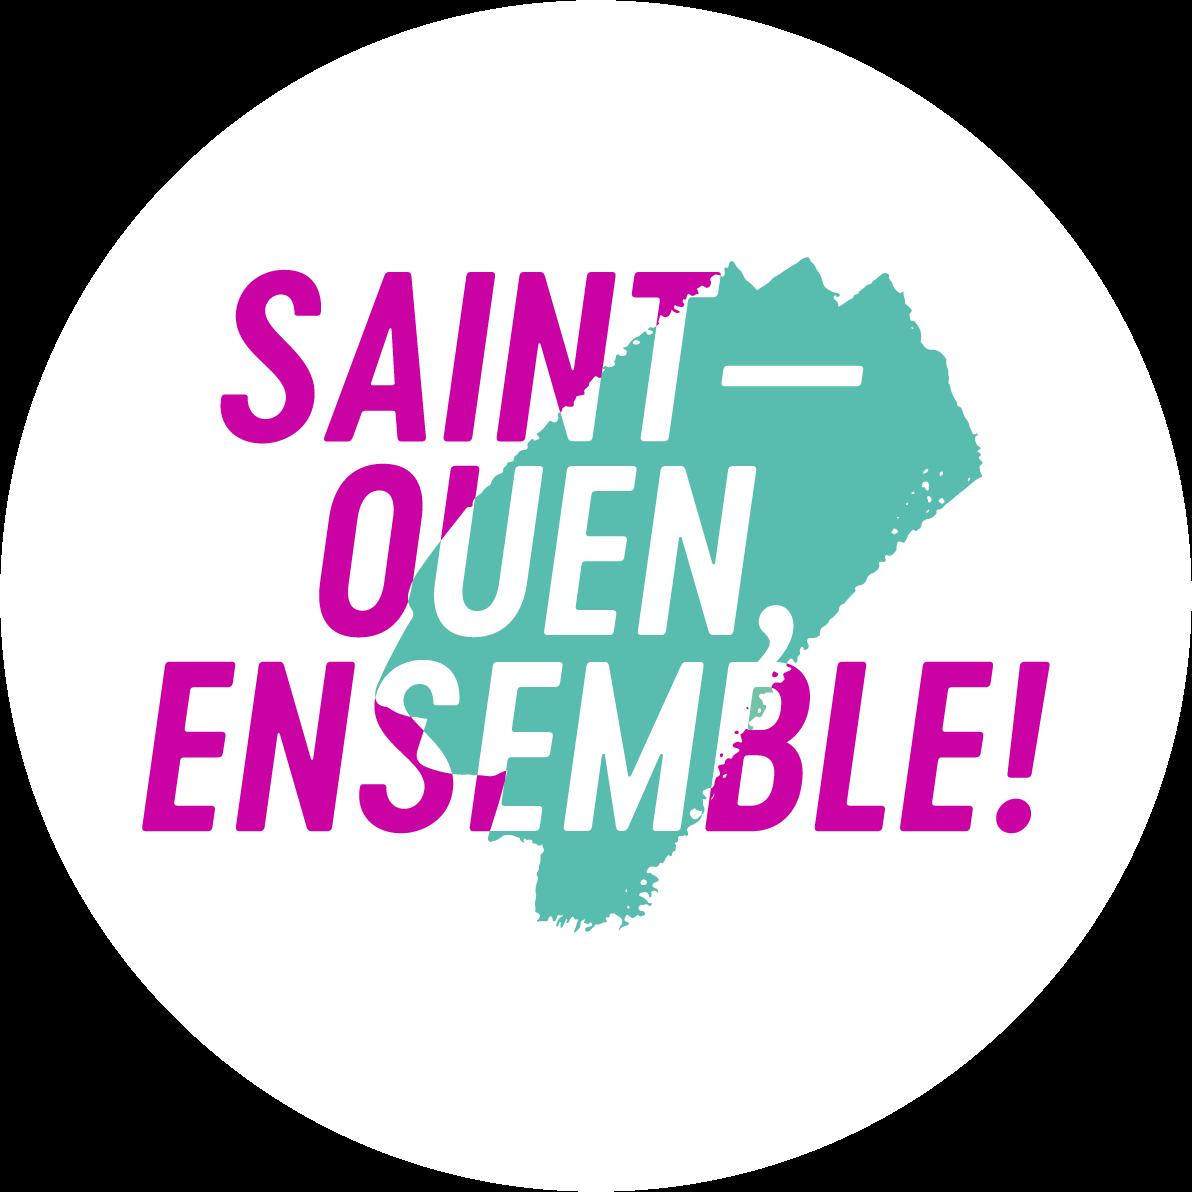 Saint-Ouen, Ensemble!